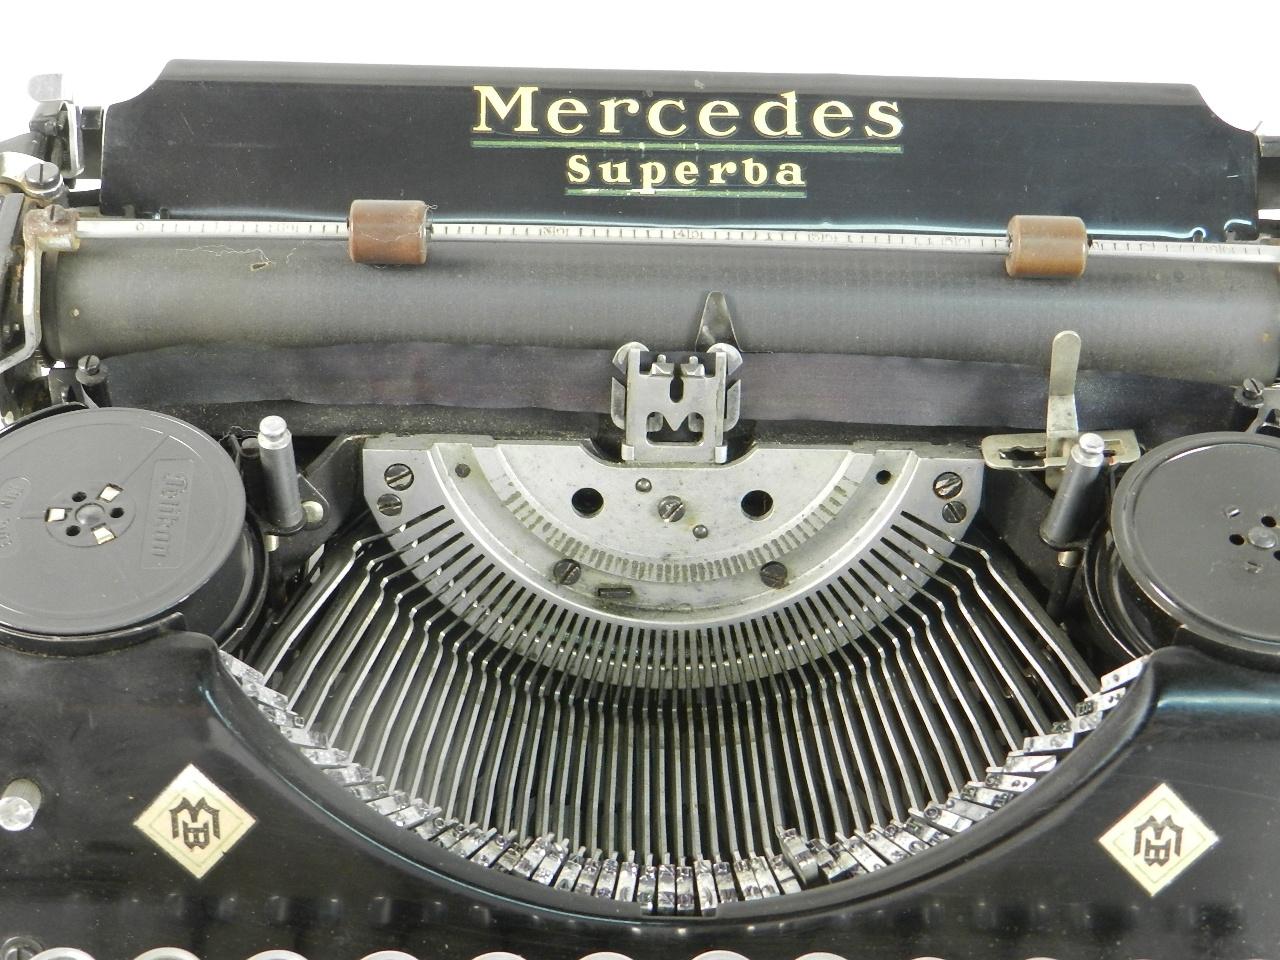 Imagen MERCEDES SUPERBA AÑO 1936 29535